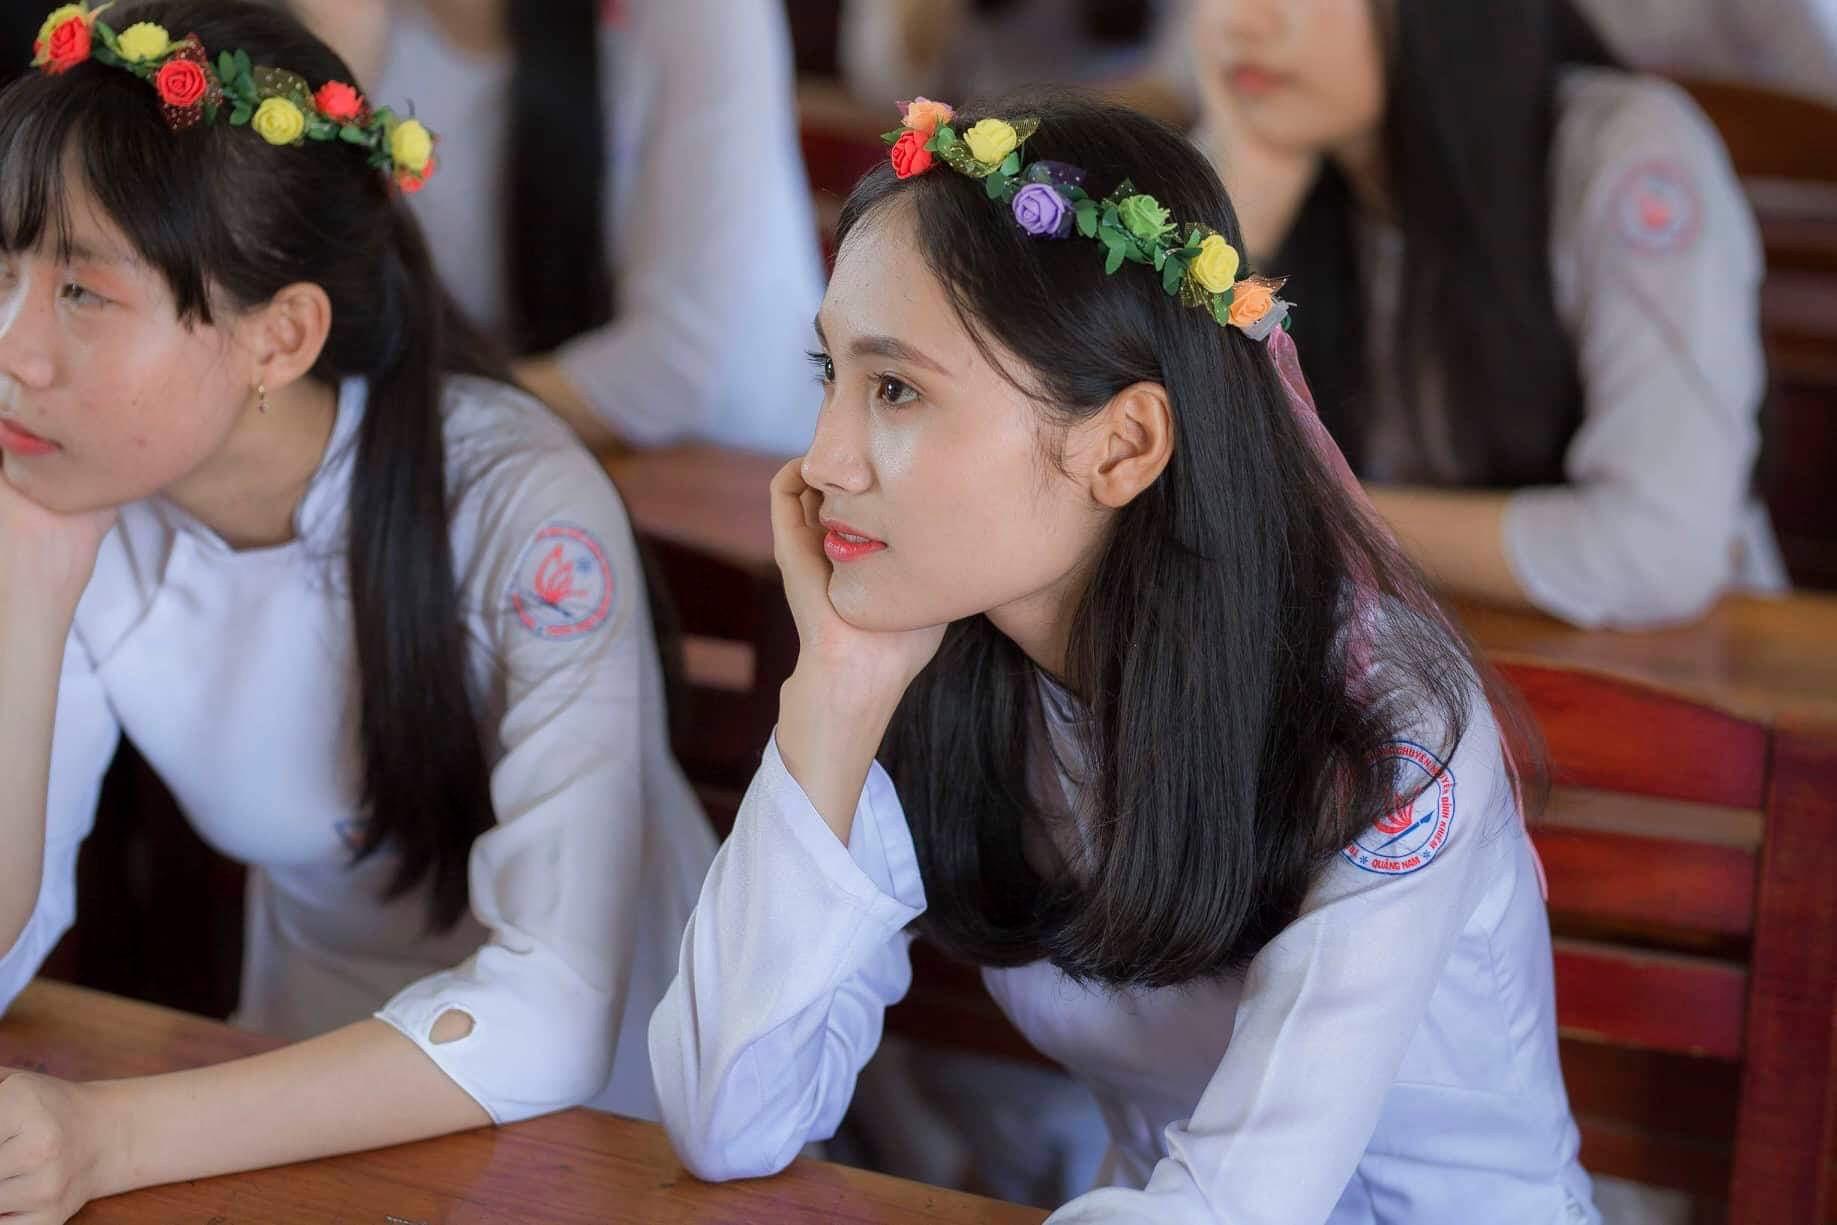 Hơn cả một học sinh giỏi: Vượt qua nỗi đau mất mẹ, nữ sinh Quảng Nam vươn lên đạt điểm văn cao nhất cả nước trong kỳ thi THPT Quốc gia 2019 - Ảnh 8.